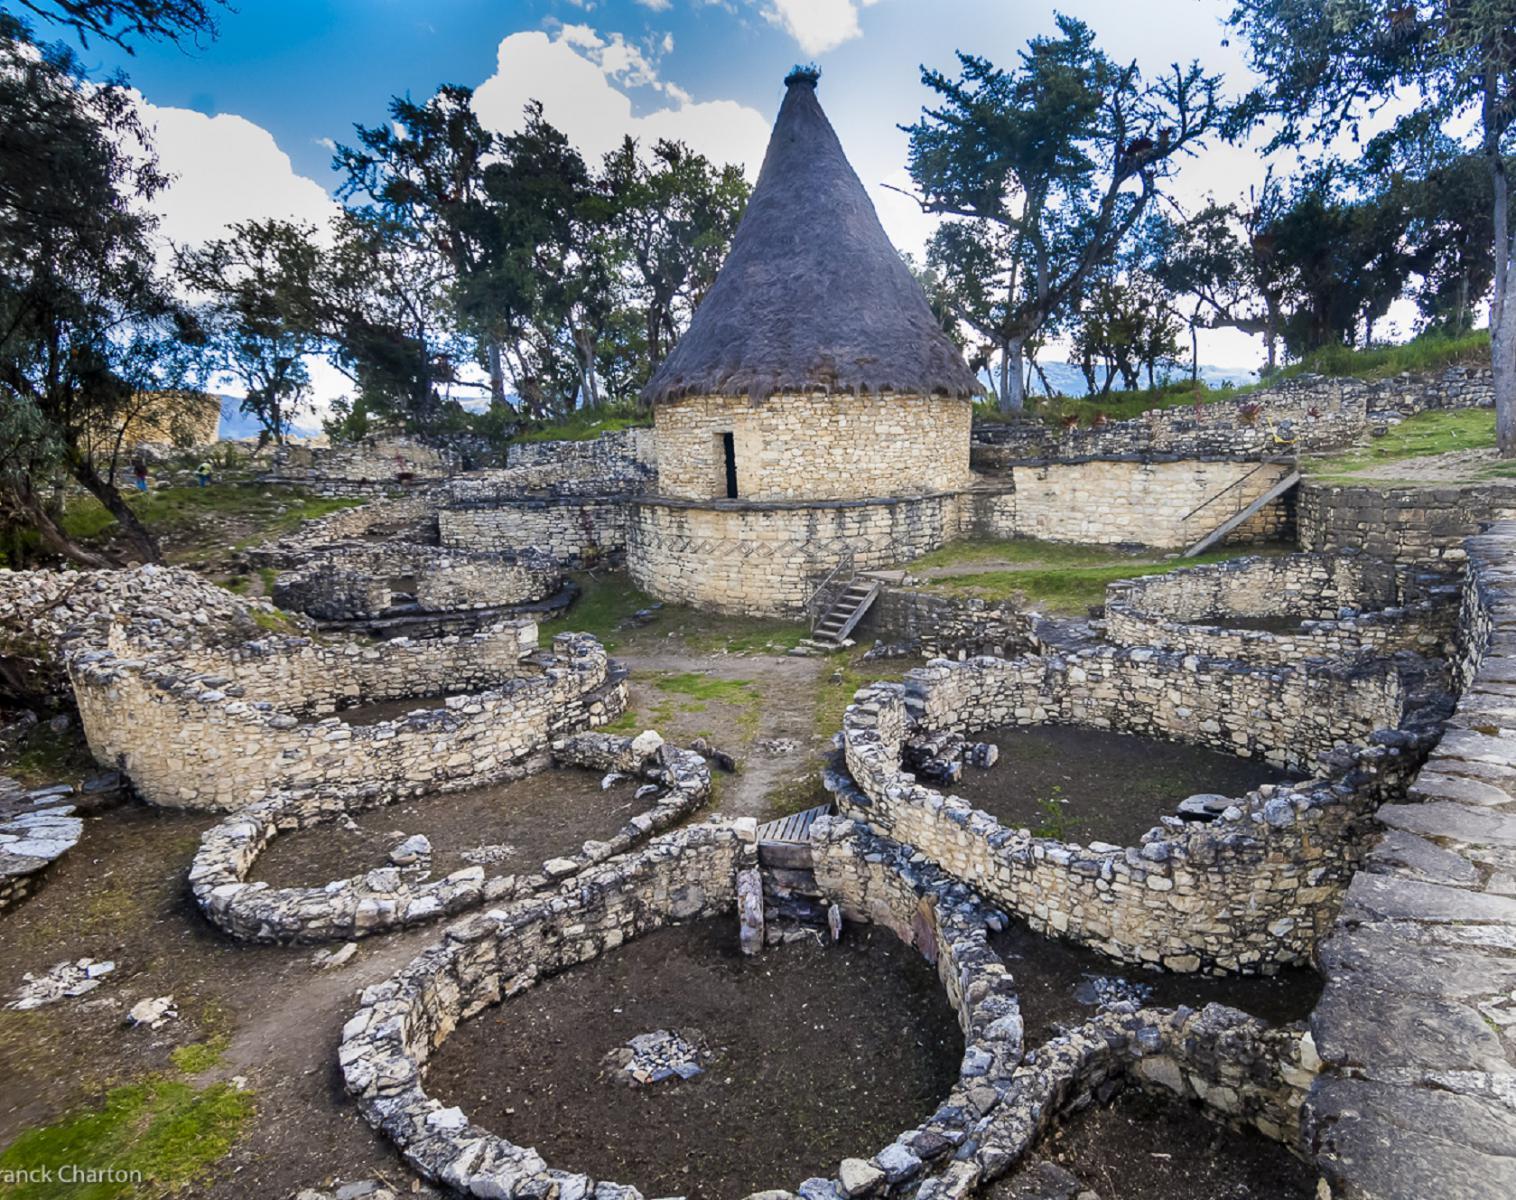 Pérou  L'Odyssée Andine Etape 1 - Nord Pérou : Chachapoyas, le peuple des nuages   Trek & Randonnée Photo Observation nature Navigation Rencontres et cultures du Monde